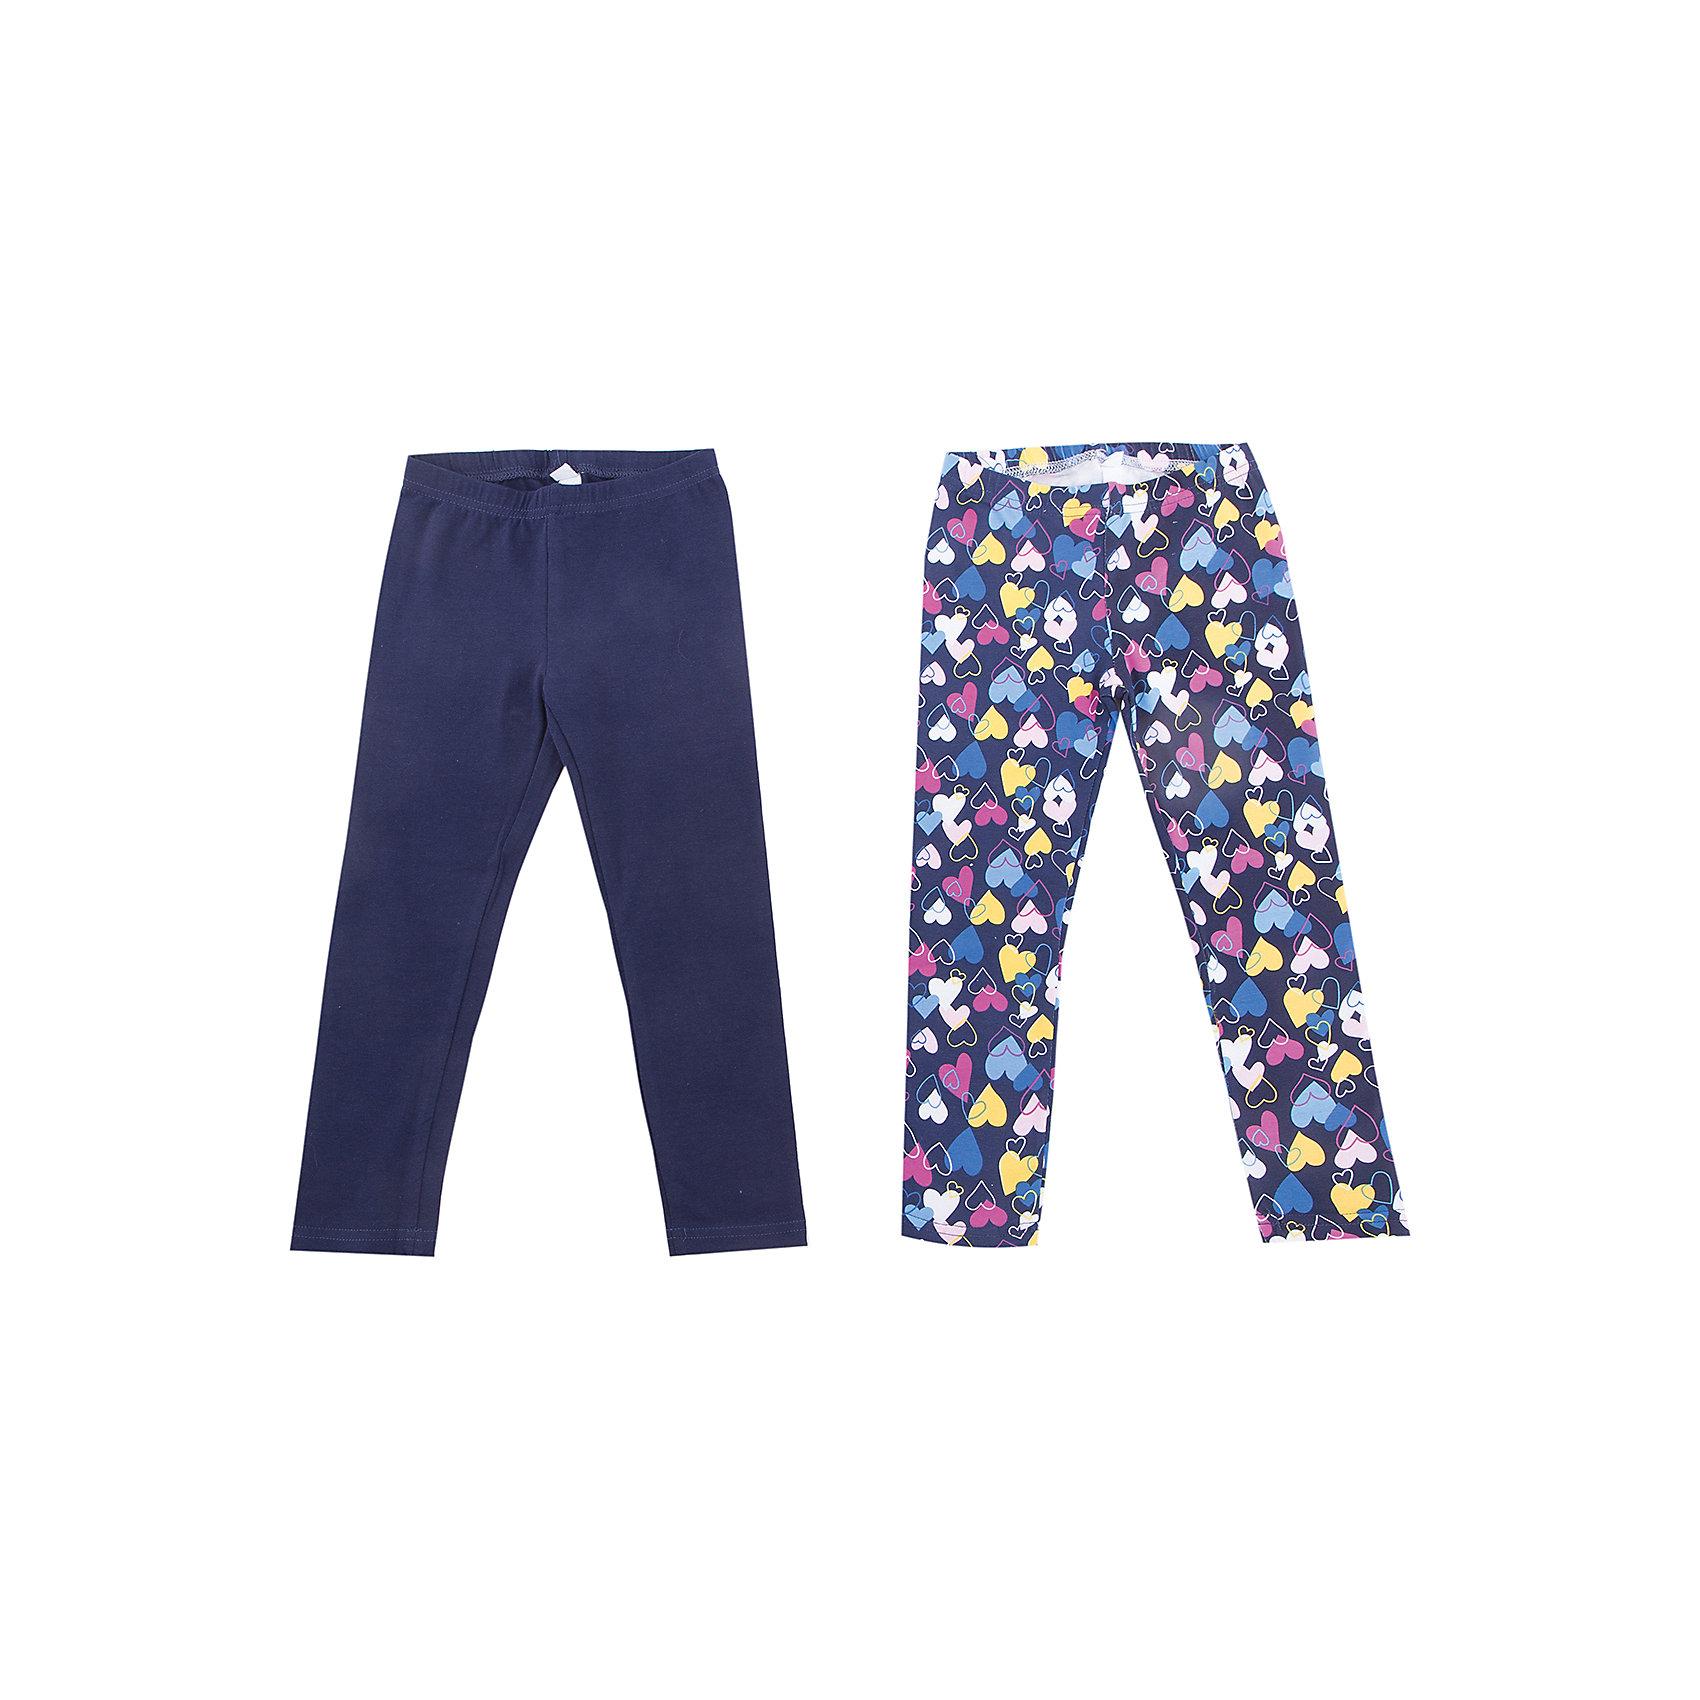 Леггинсы PlayToday для девочкиЛеггинсы<br>Леггинсы PlayToday для девочки<br>Комплект из брюк - леггинсов отличное решение и для повседневного гардероба, и в качестве спортивной одежды. Пояс на резинке, что не позволяет брюкам сползать. Одна из моделей из яркой принтованной ткани.<br>Состав:<br>95% хлопок, 5% эластан<br><br>Ширина мм: 123<br>Глубина мм: 10<br>Высота мм: 149<br>Вес г: 209<br>Цвет: белый<br>Возраст от месяцев: 84<br>Возраст до месяцев: 96<br>Пол: Женский<br>Возраст: Детский<br>Размер: 128,98,104,110,116,122<br>SKU: 7115881